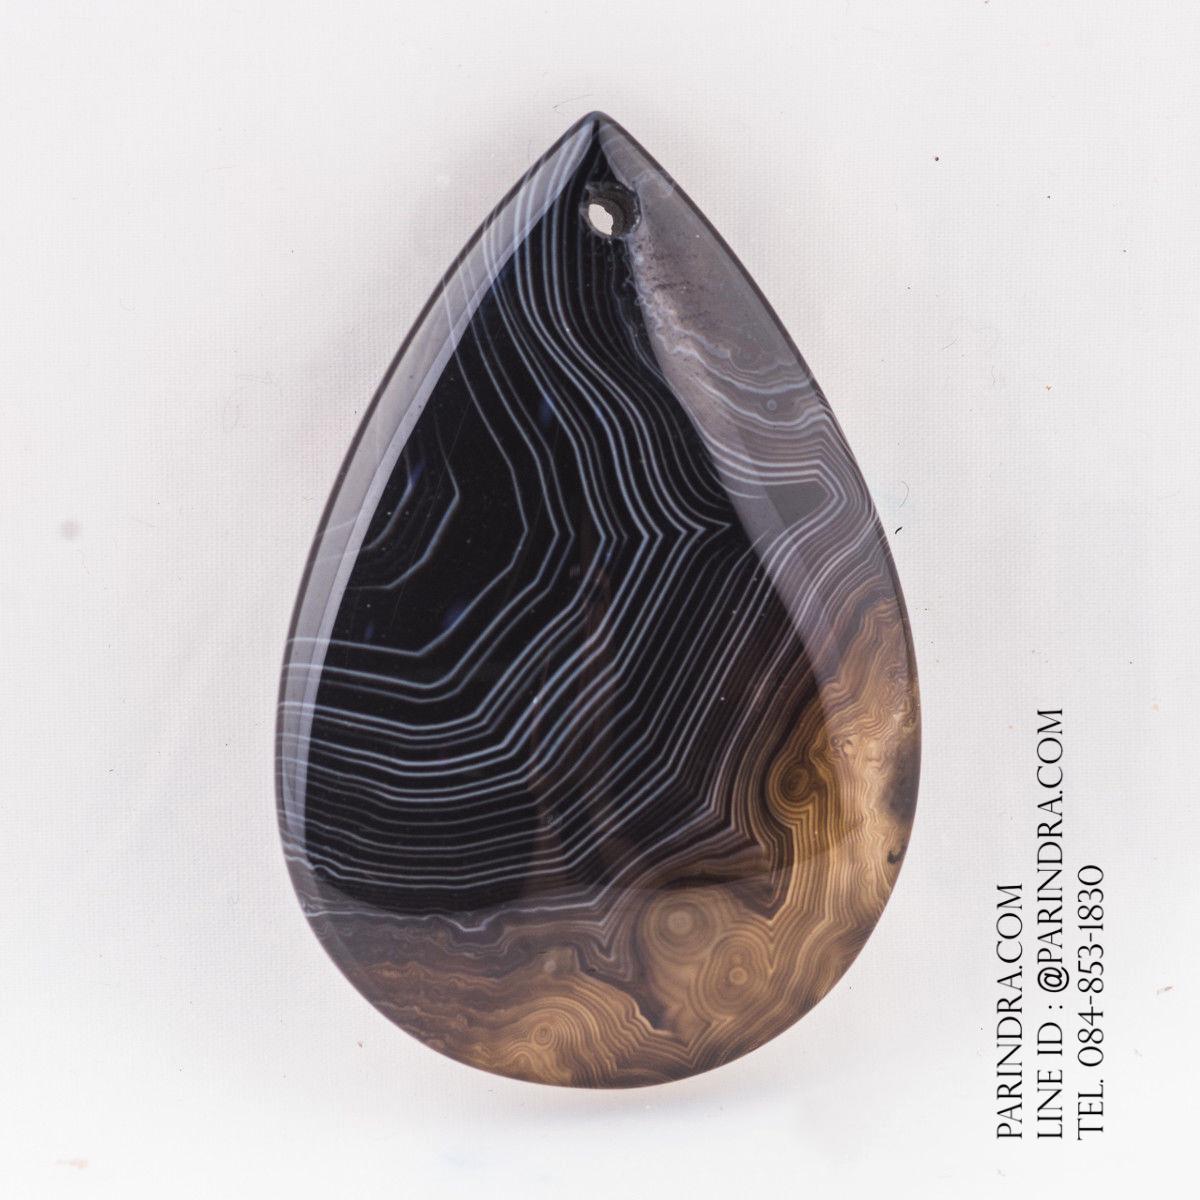 หินอาเกต AGATE ลวดลายสีดำแซมน้ำตาล AGT011